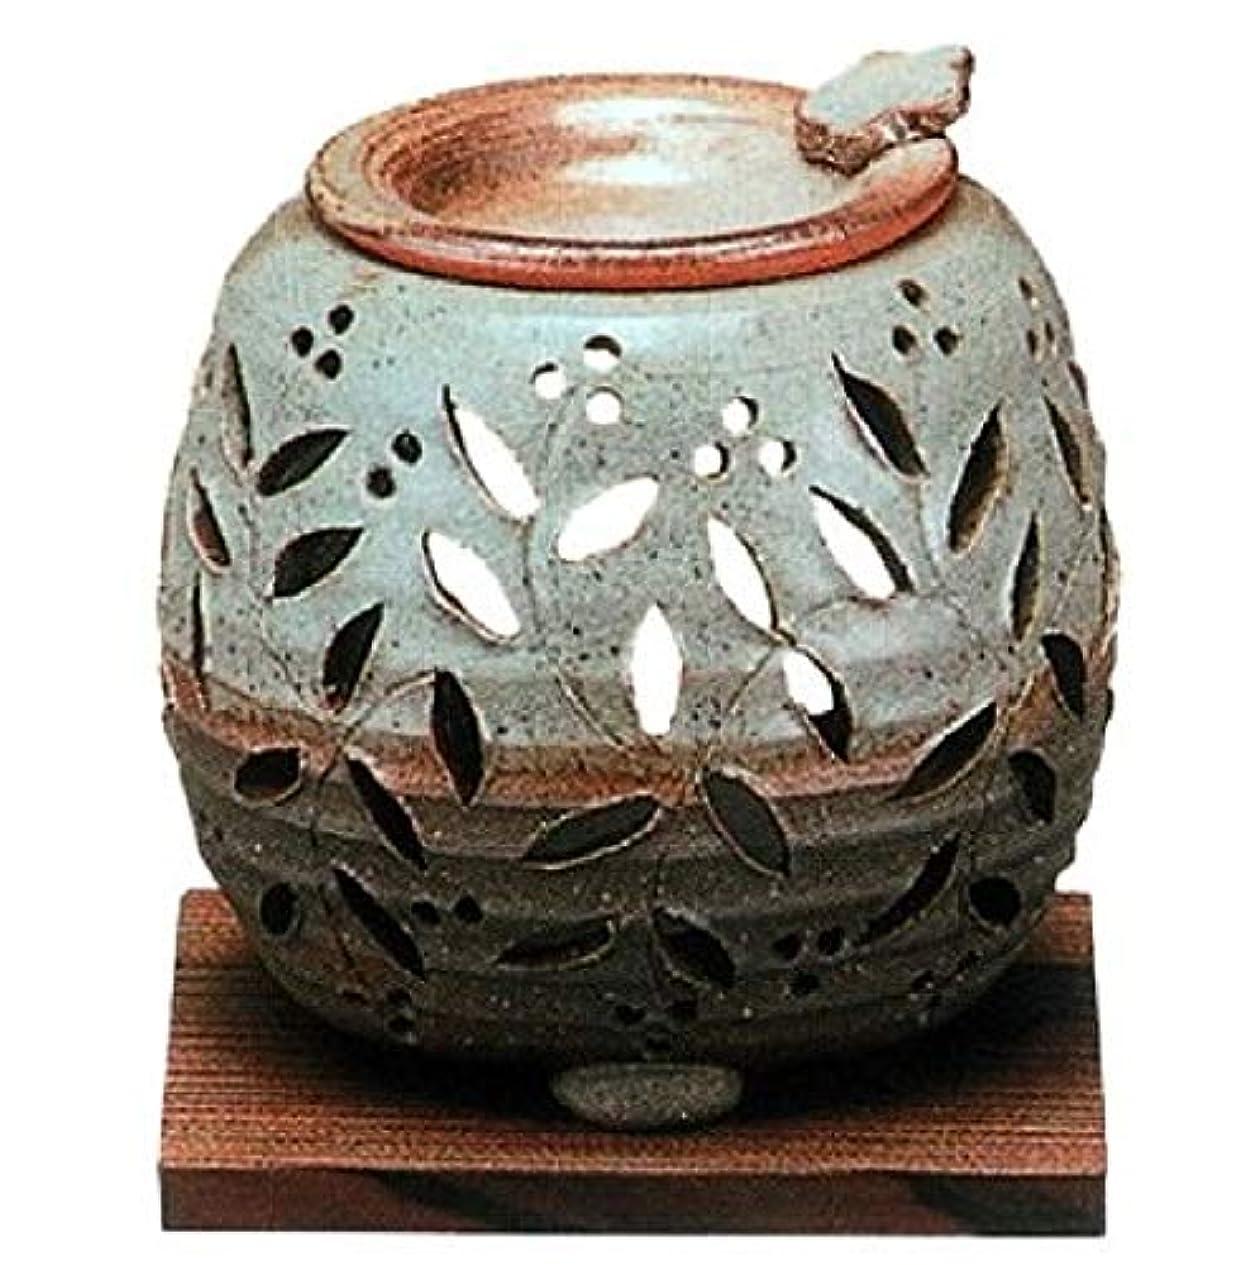 密接にスムーズに上へ【常滑焼】石龍 緑灰釉花透かし彫り茶香炉 灰釉花透かし  φ11×H11㎝ 3-829